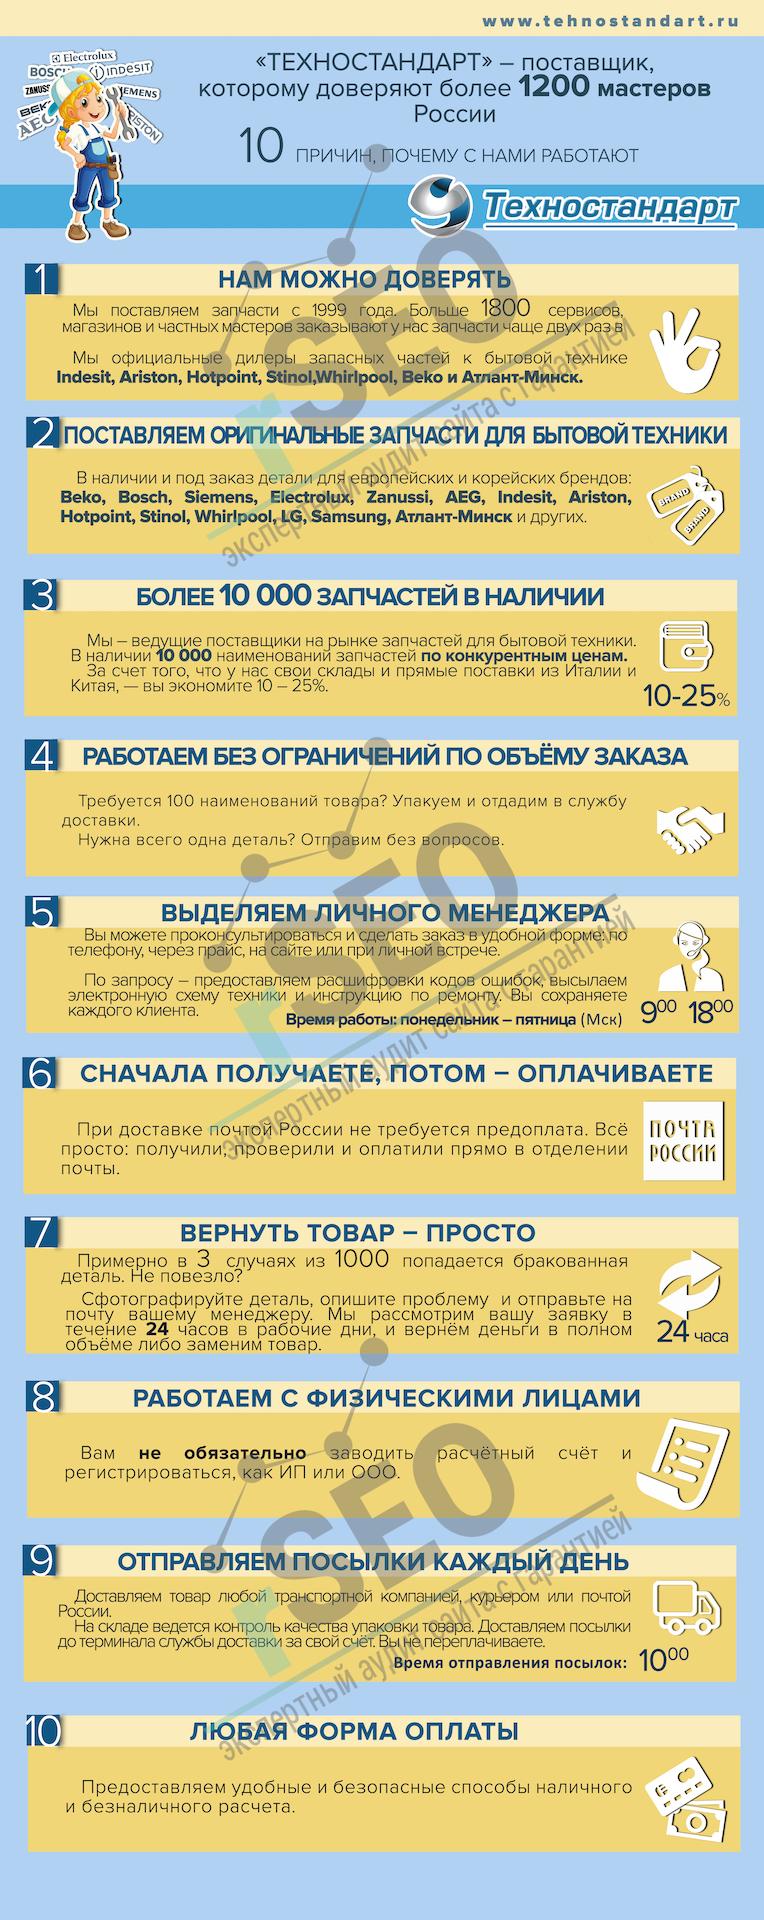 Инфографика для e-mail рассылки компании